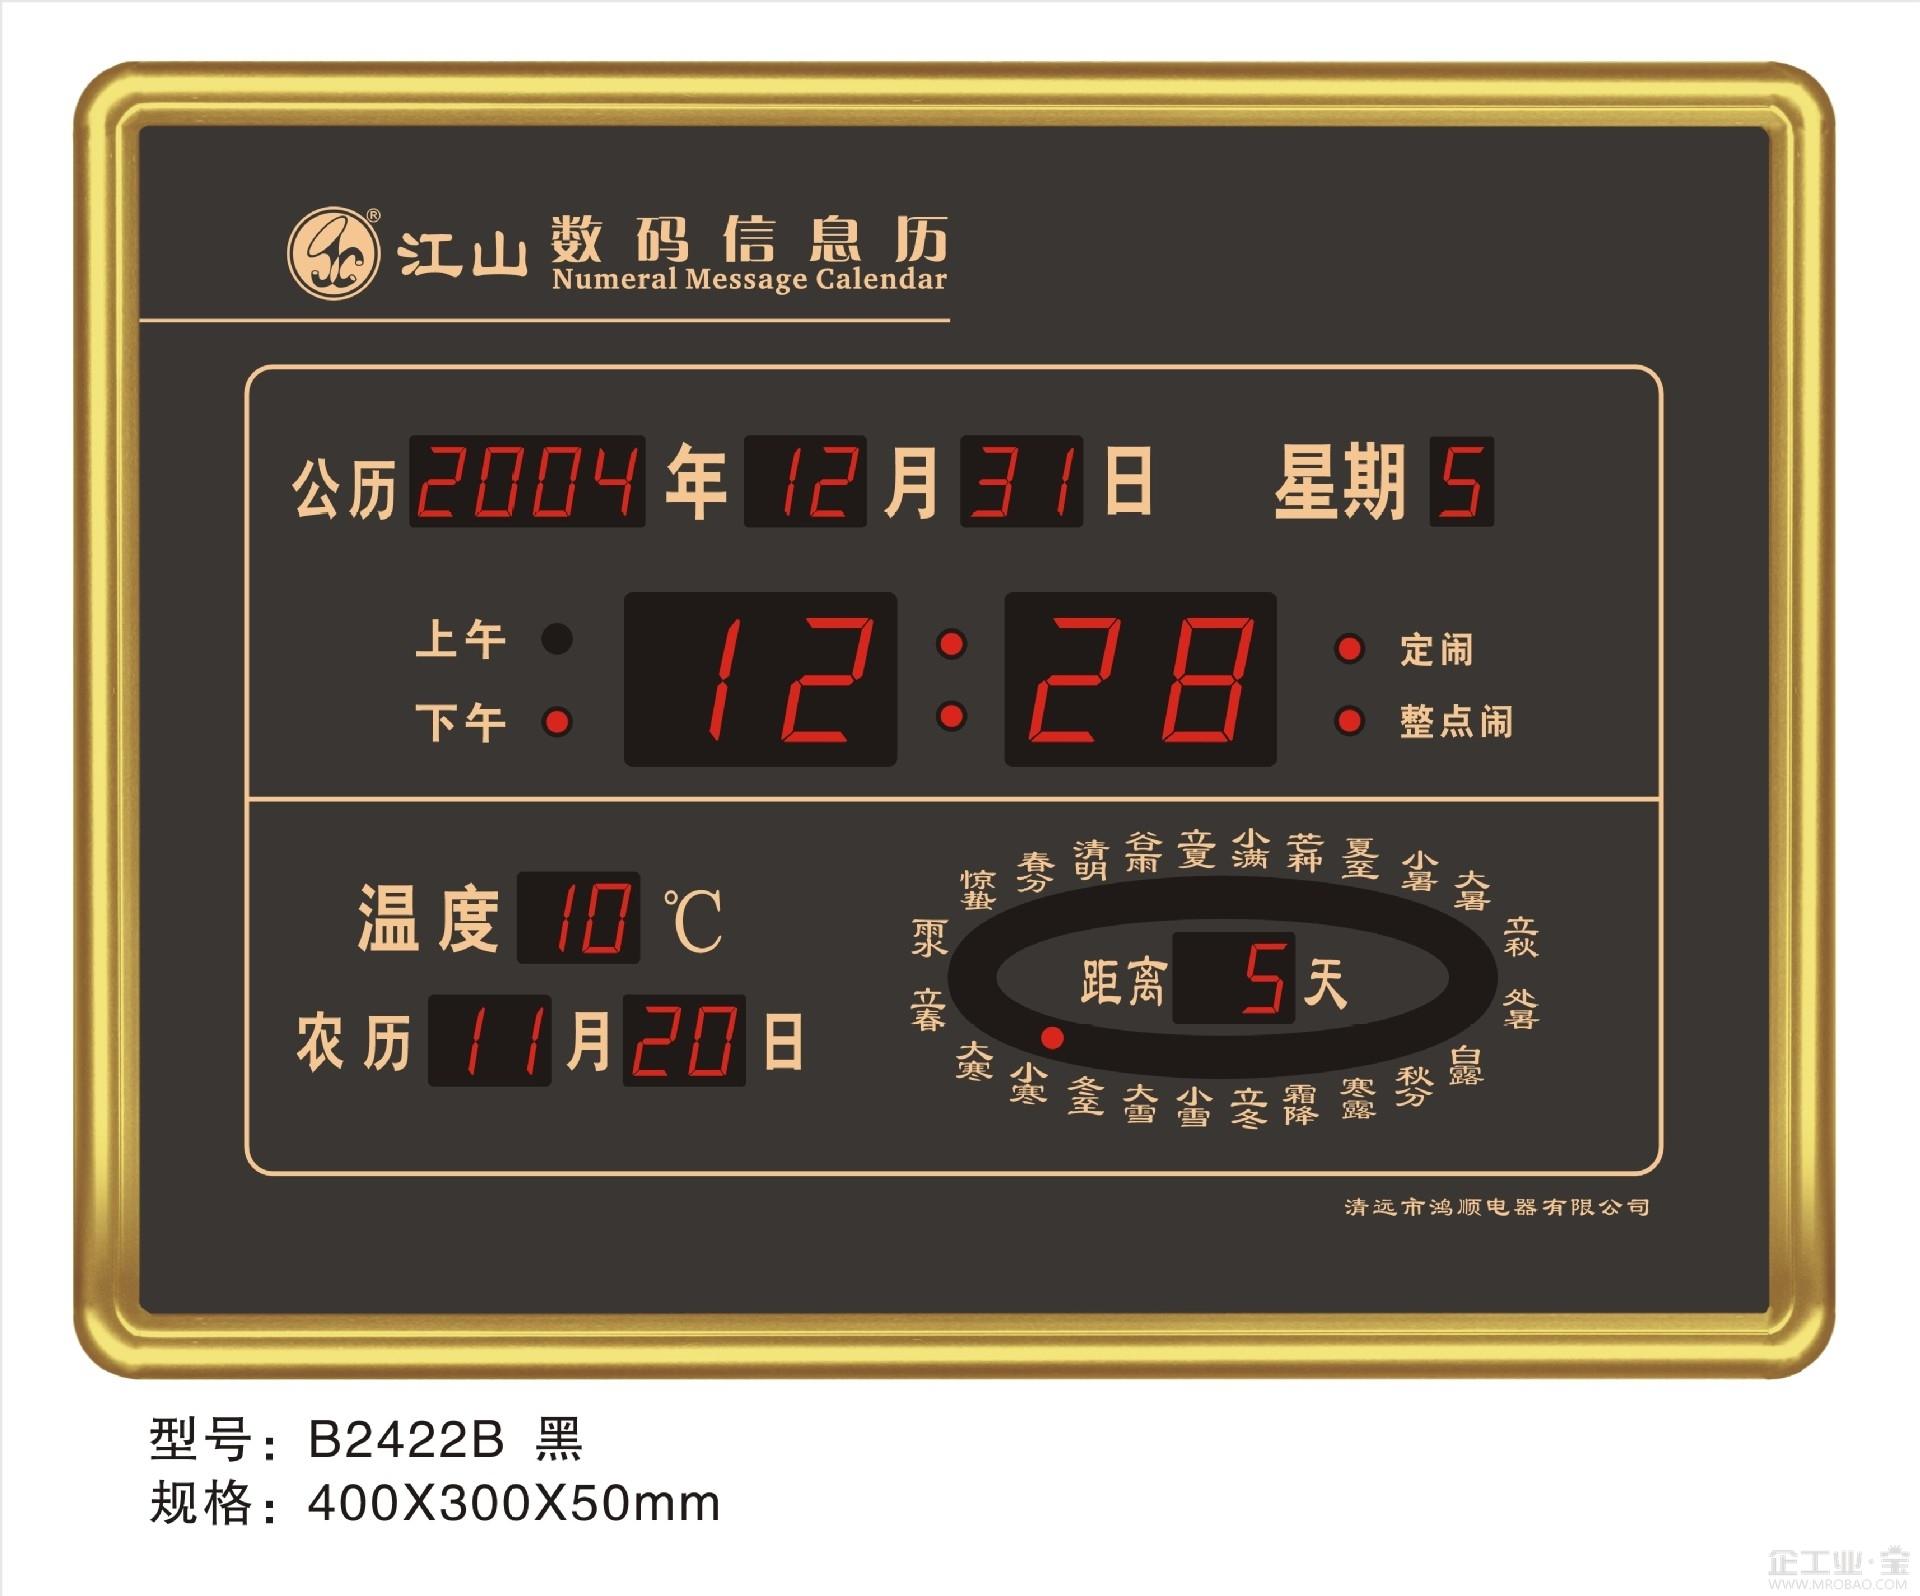 江山led夜光挂钟 电子万年历 2422 加贴膜